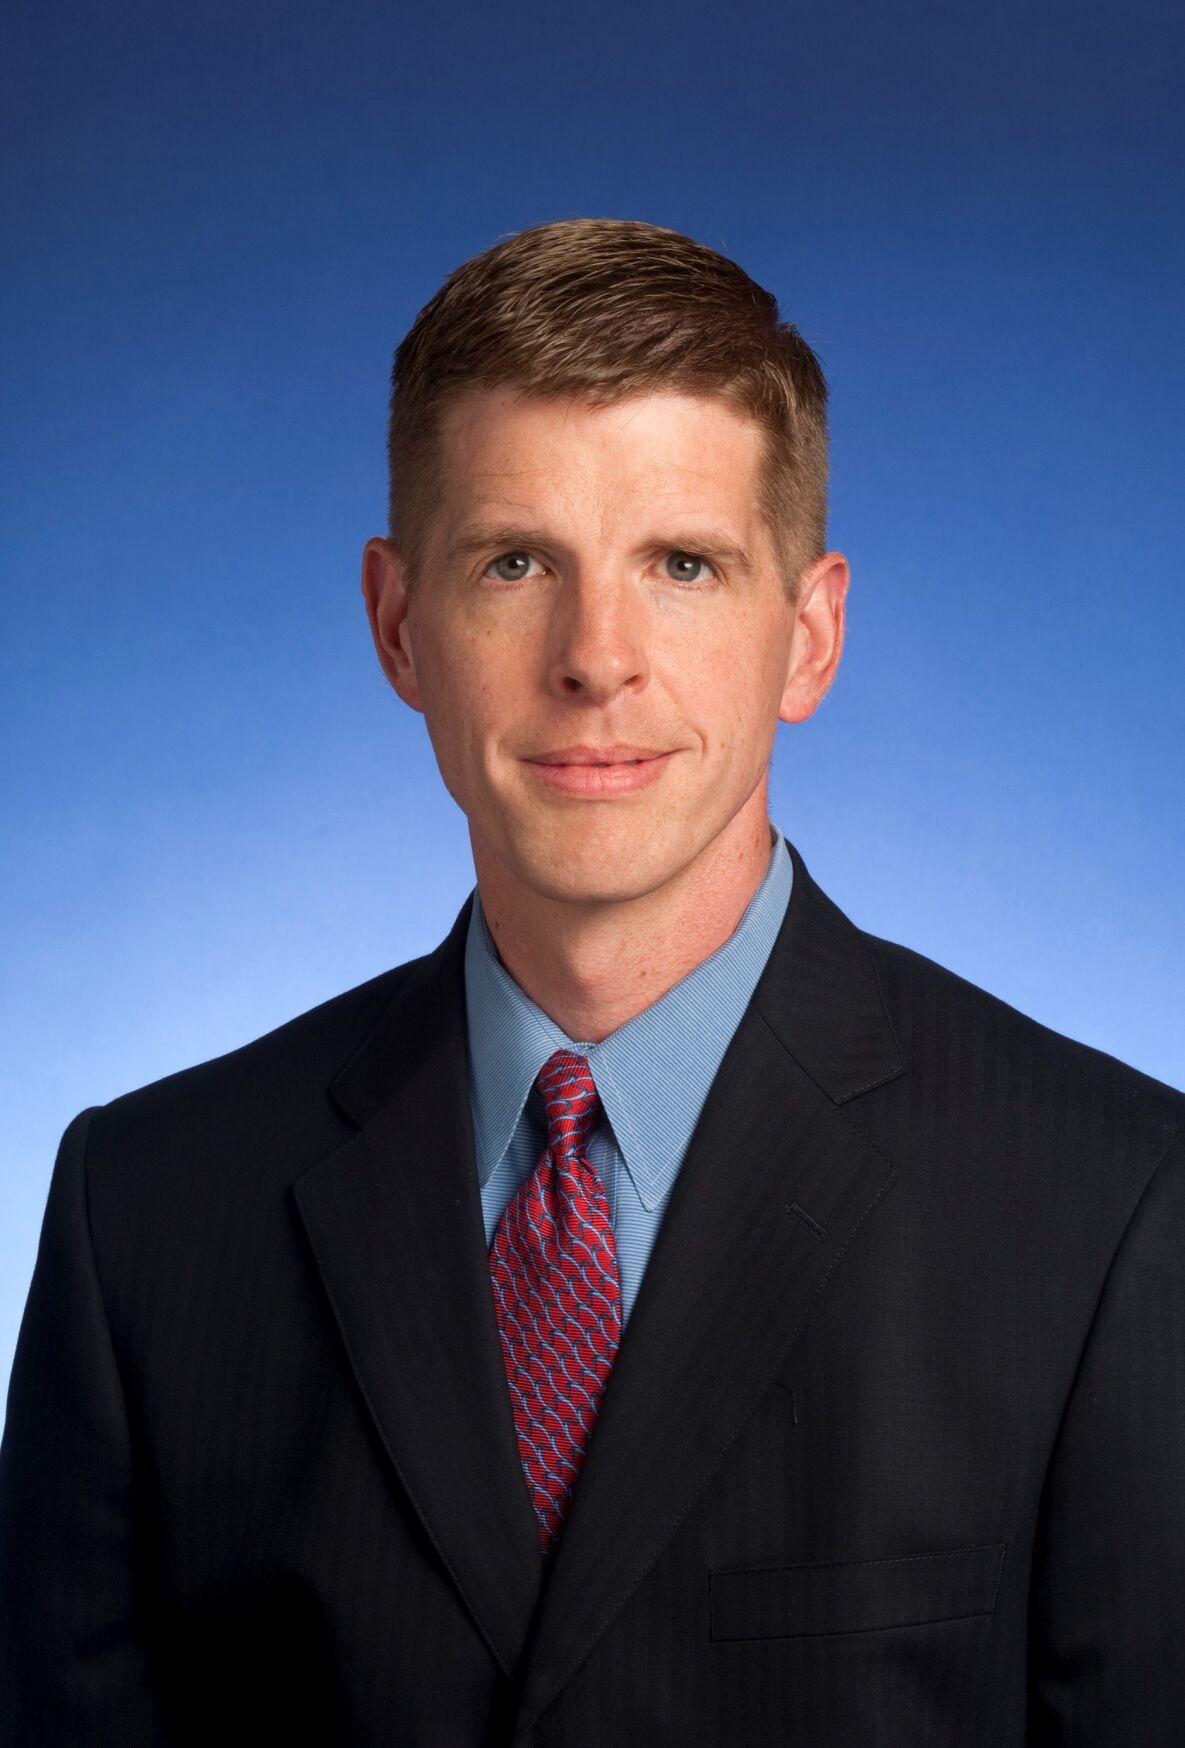 Brian Haile